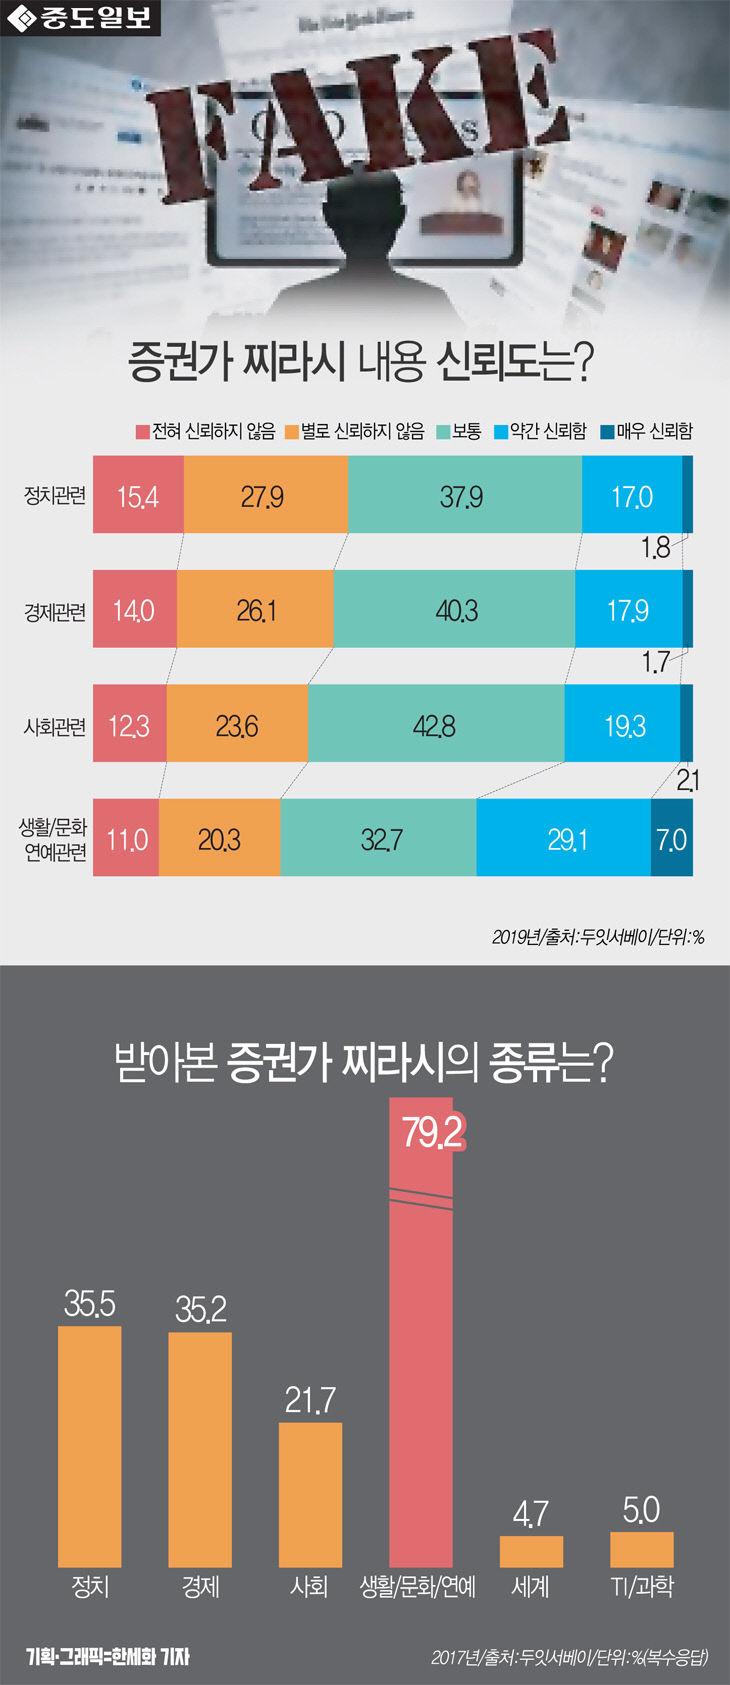 [인포그래픽] 증권가찌라시 2명 중 한명꼴 `신뢰하지 않는다`... 받아본 찌라시 종류는?